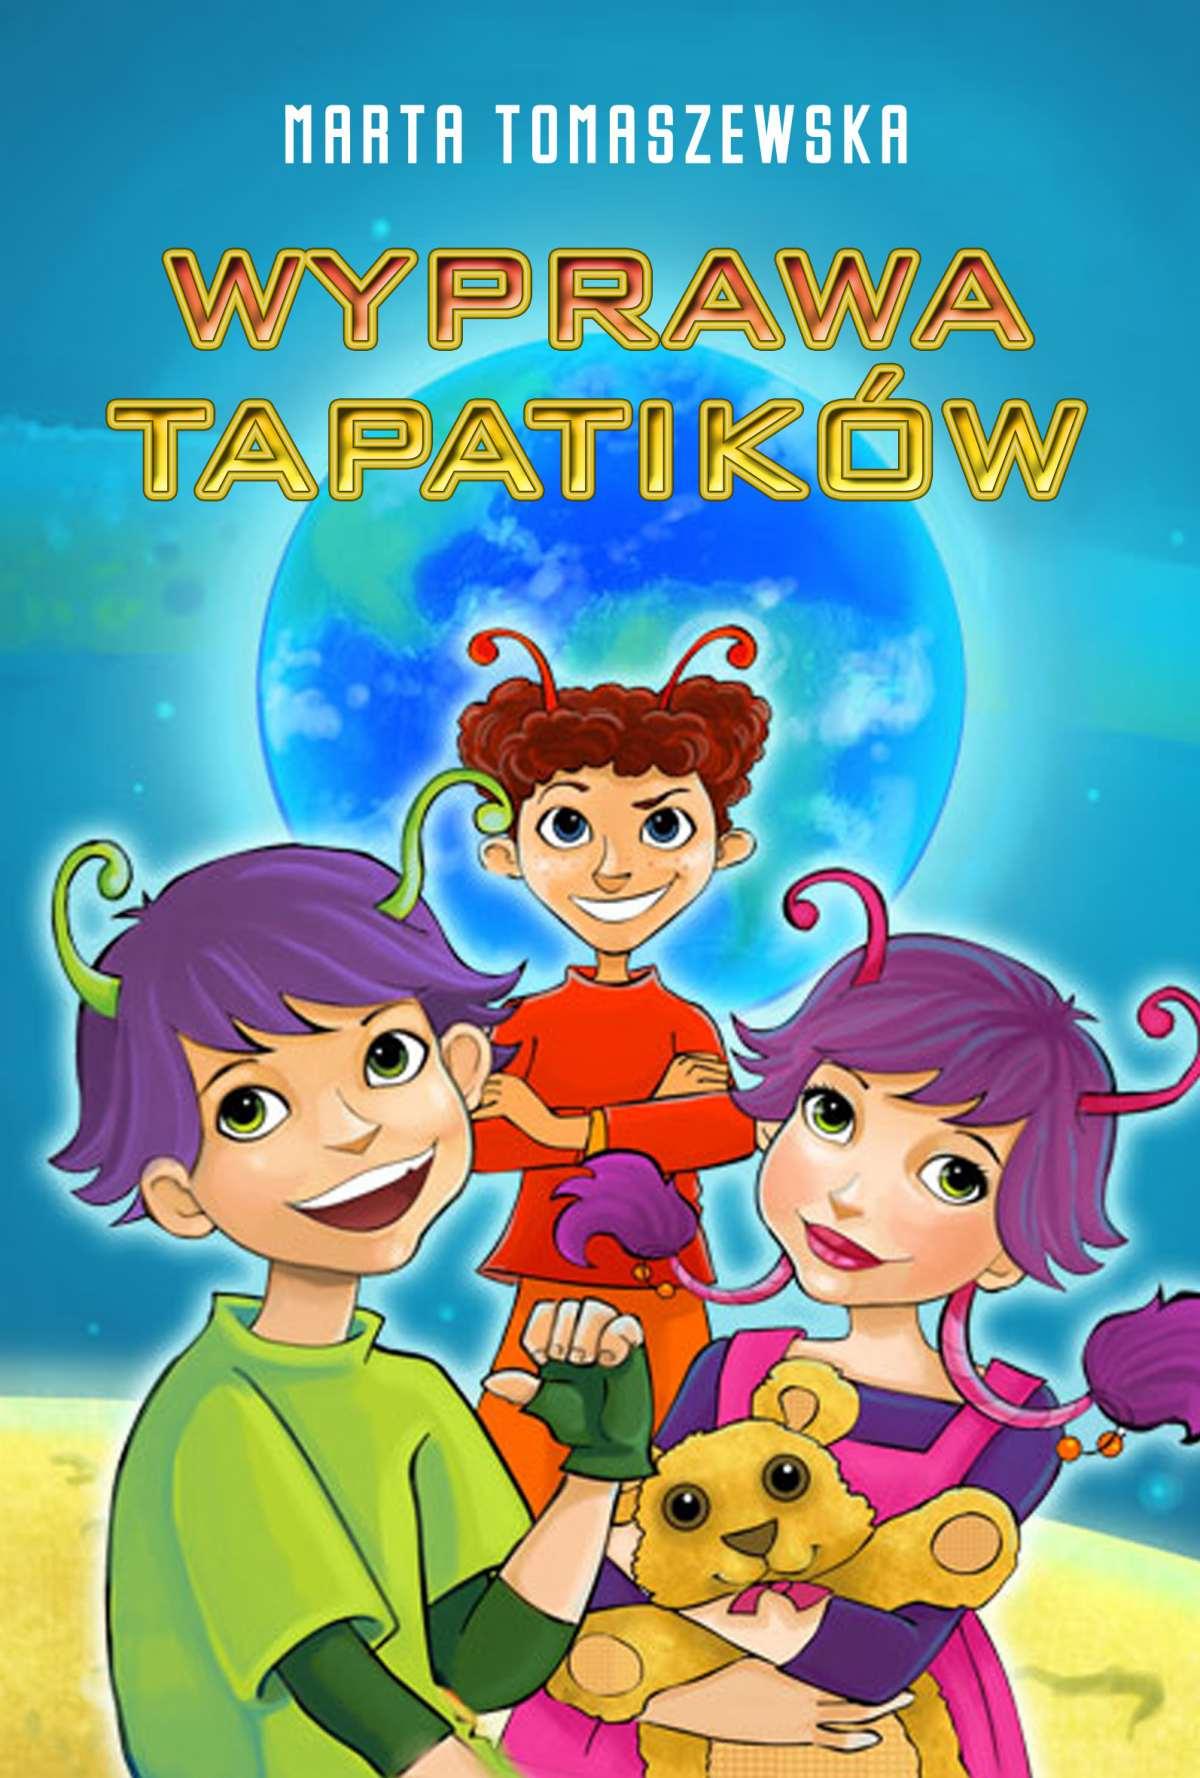 Wyprawa Tapatików - Ebook (Książka PDF) do pobrania w formacie PDF